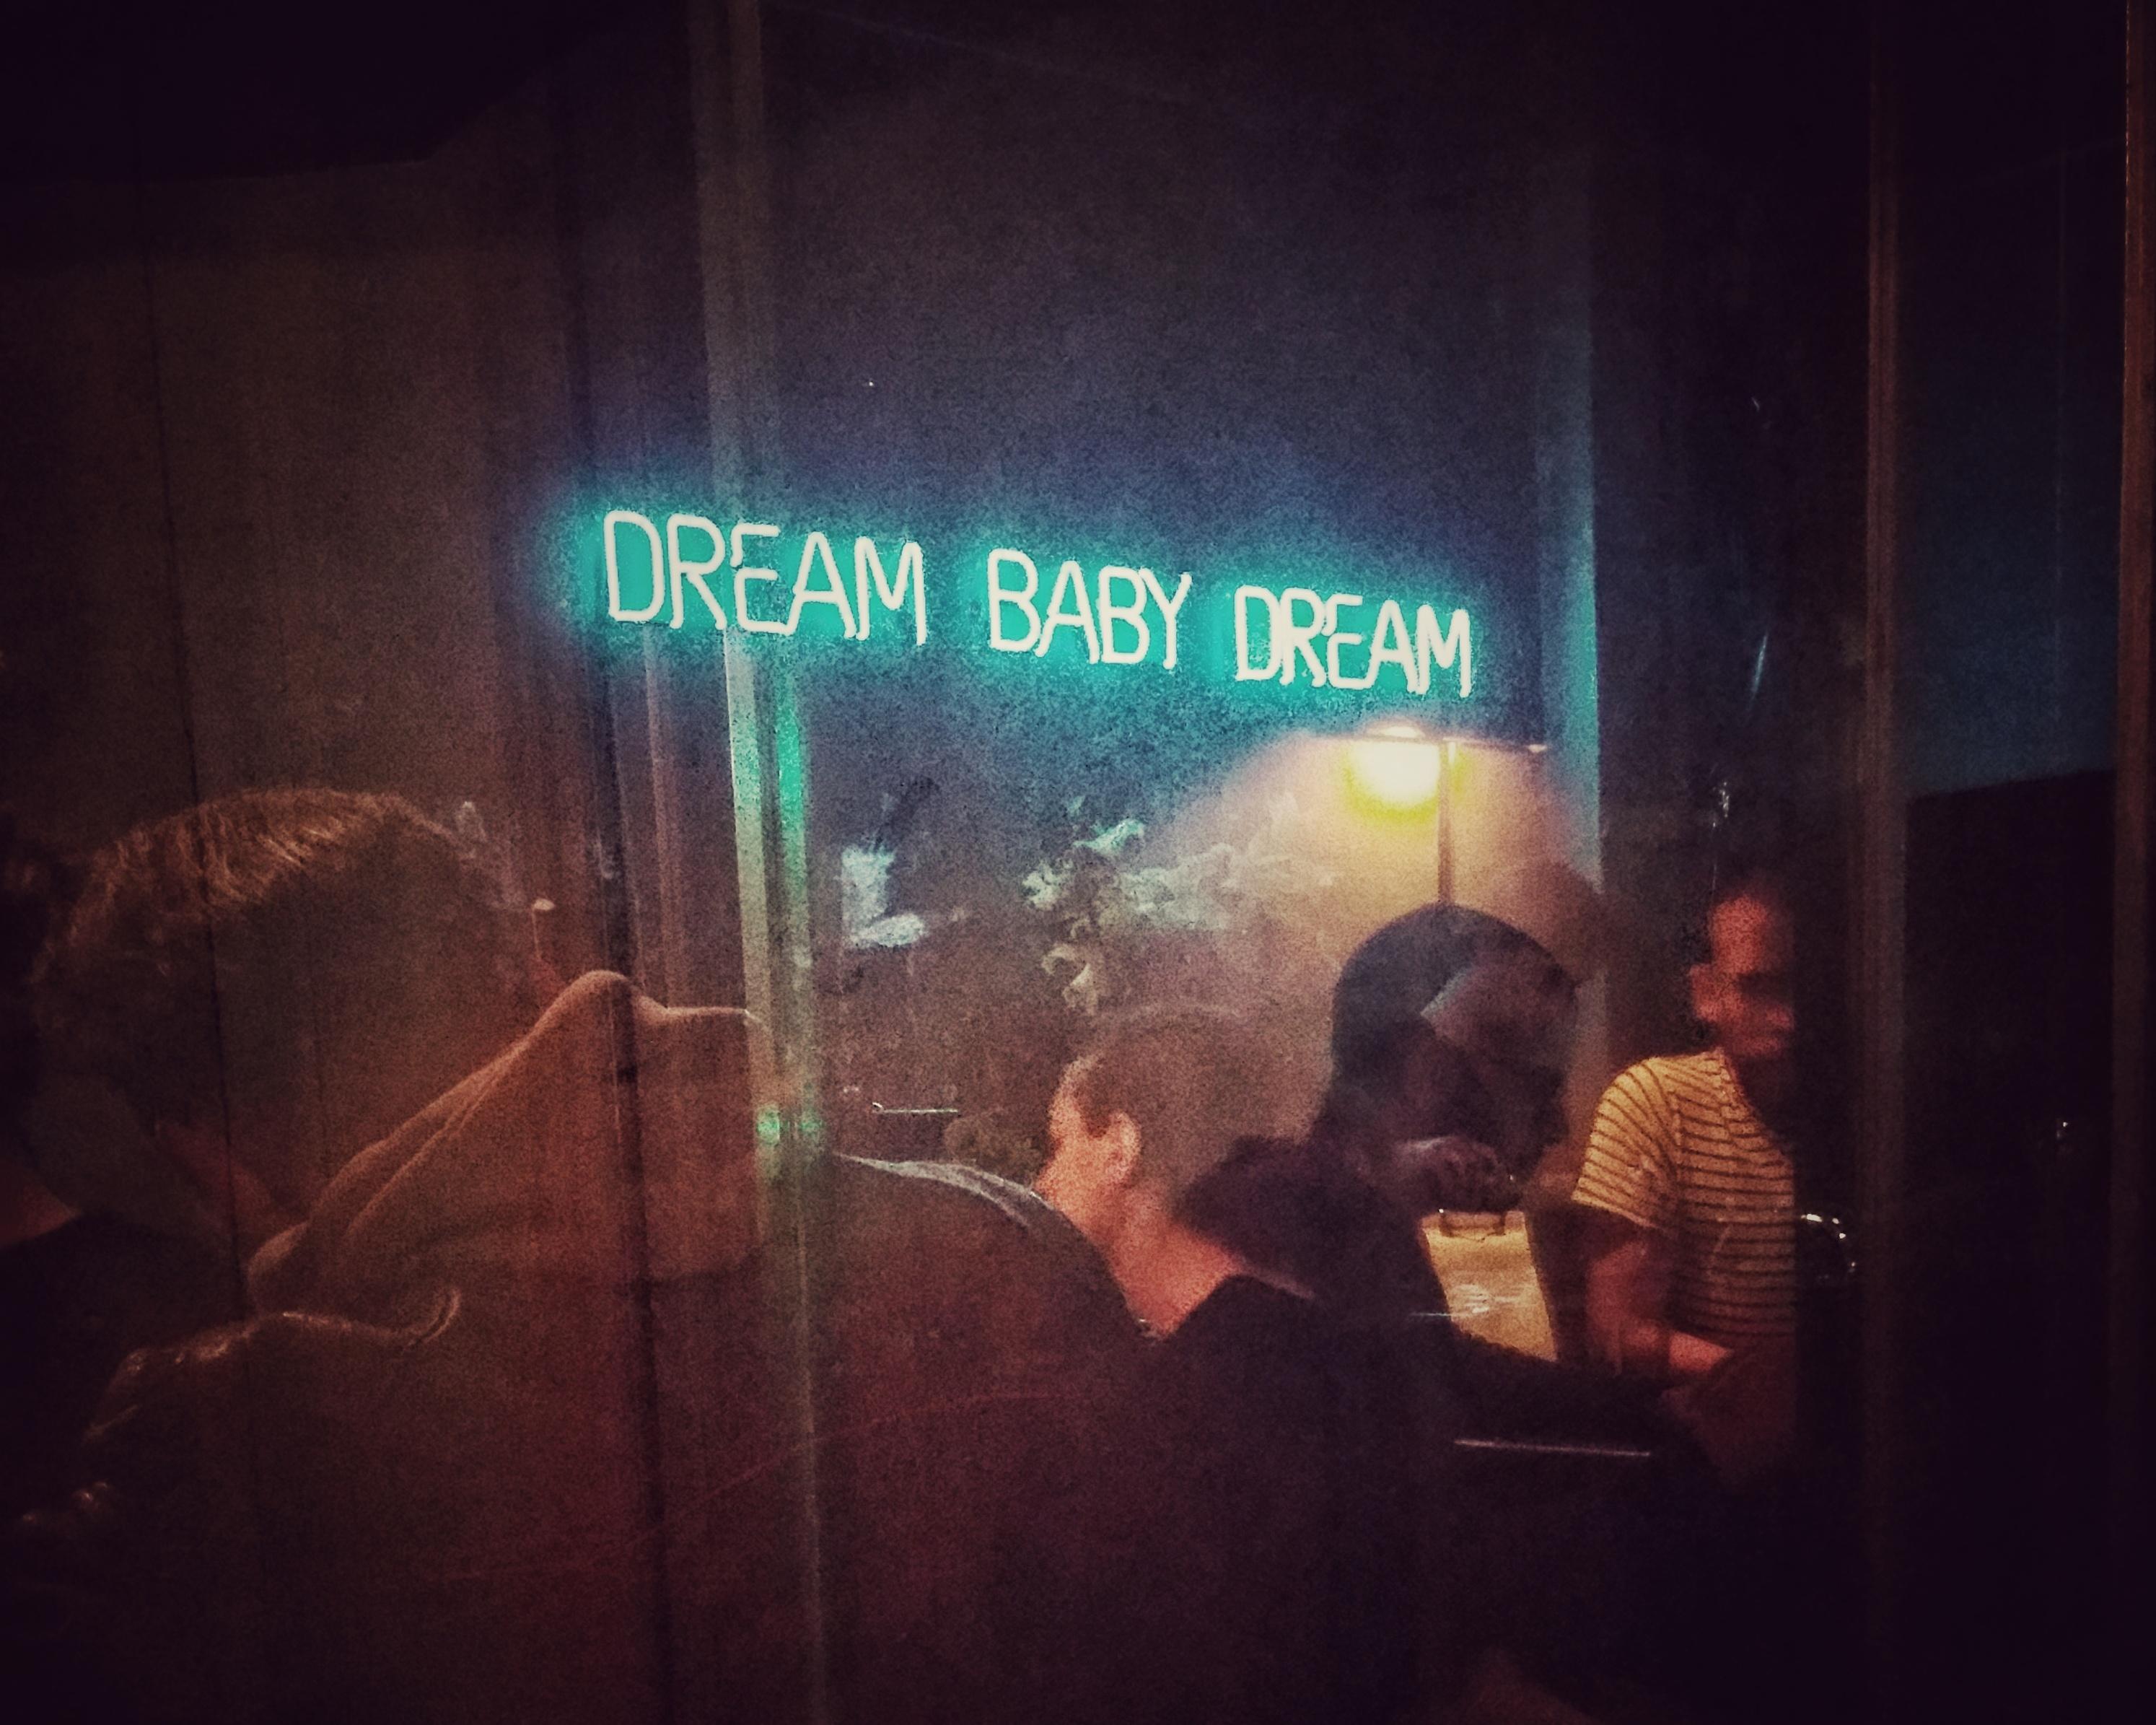 Dream Baby Dream | © Anne Seubert